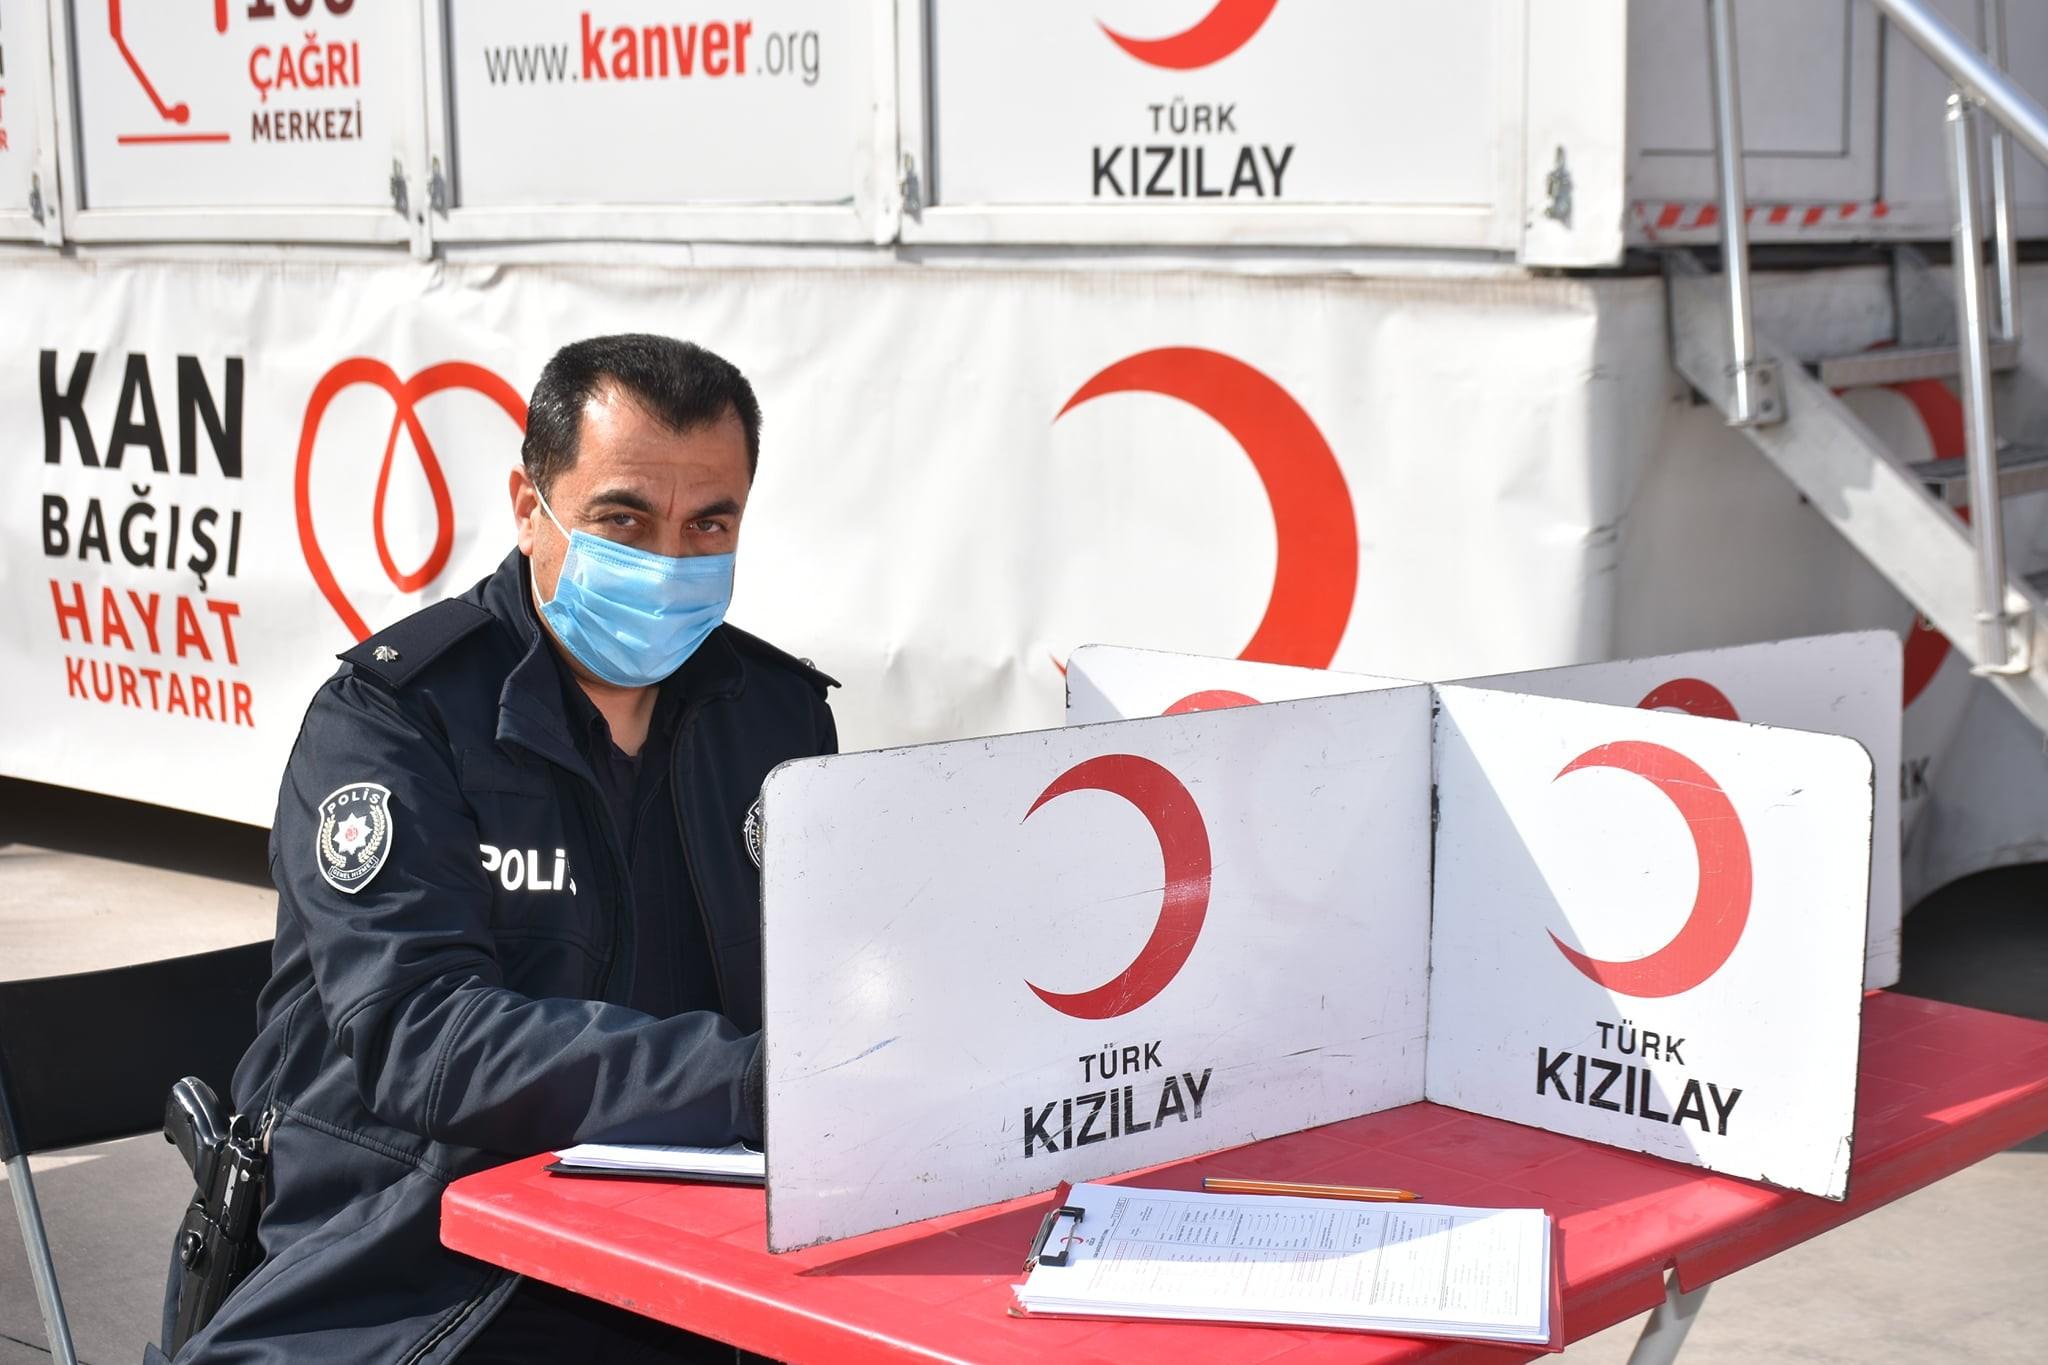 Buharkent'te kan bağışı rekoru kırıldı